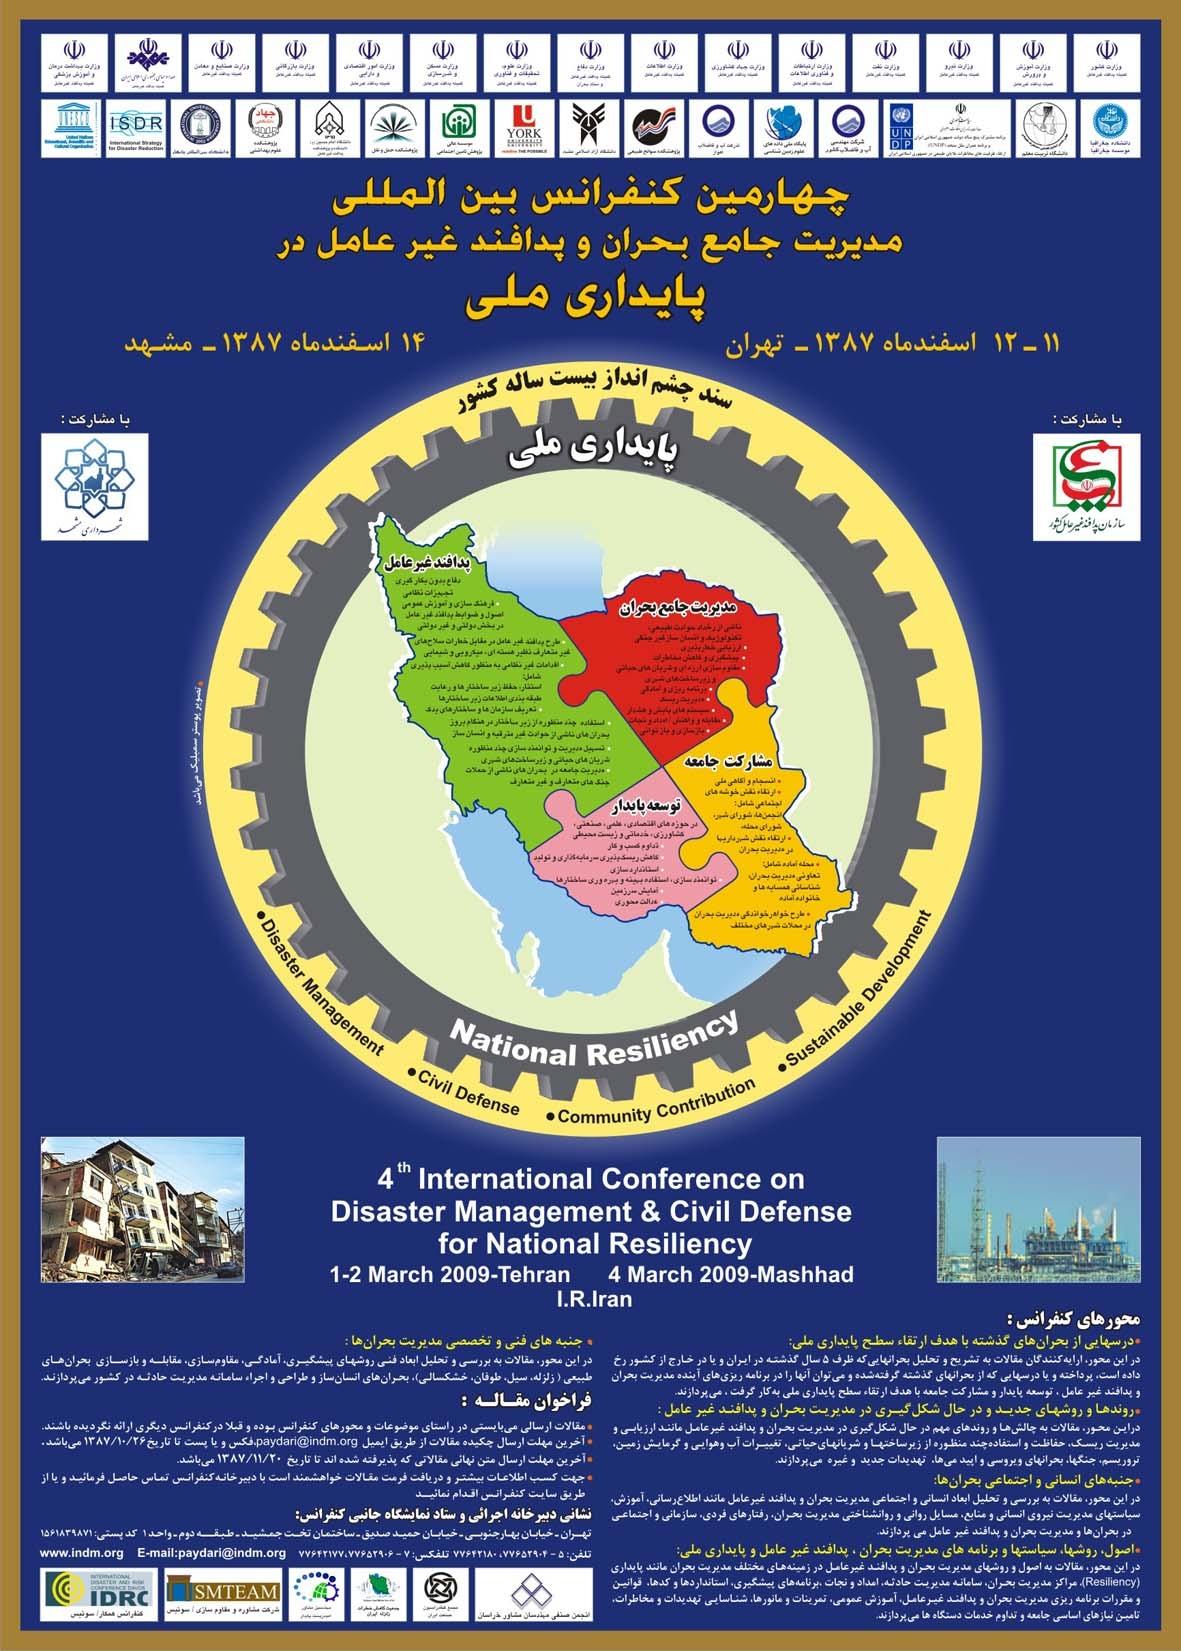 چهارمین کنفرانس بین المللی مدیریت جامع بحران و پدافند غیرعامل در پایداری ملی